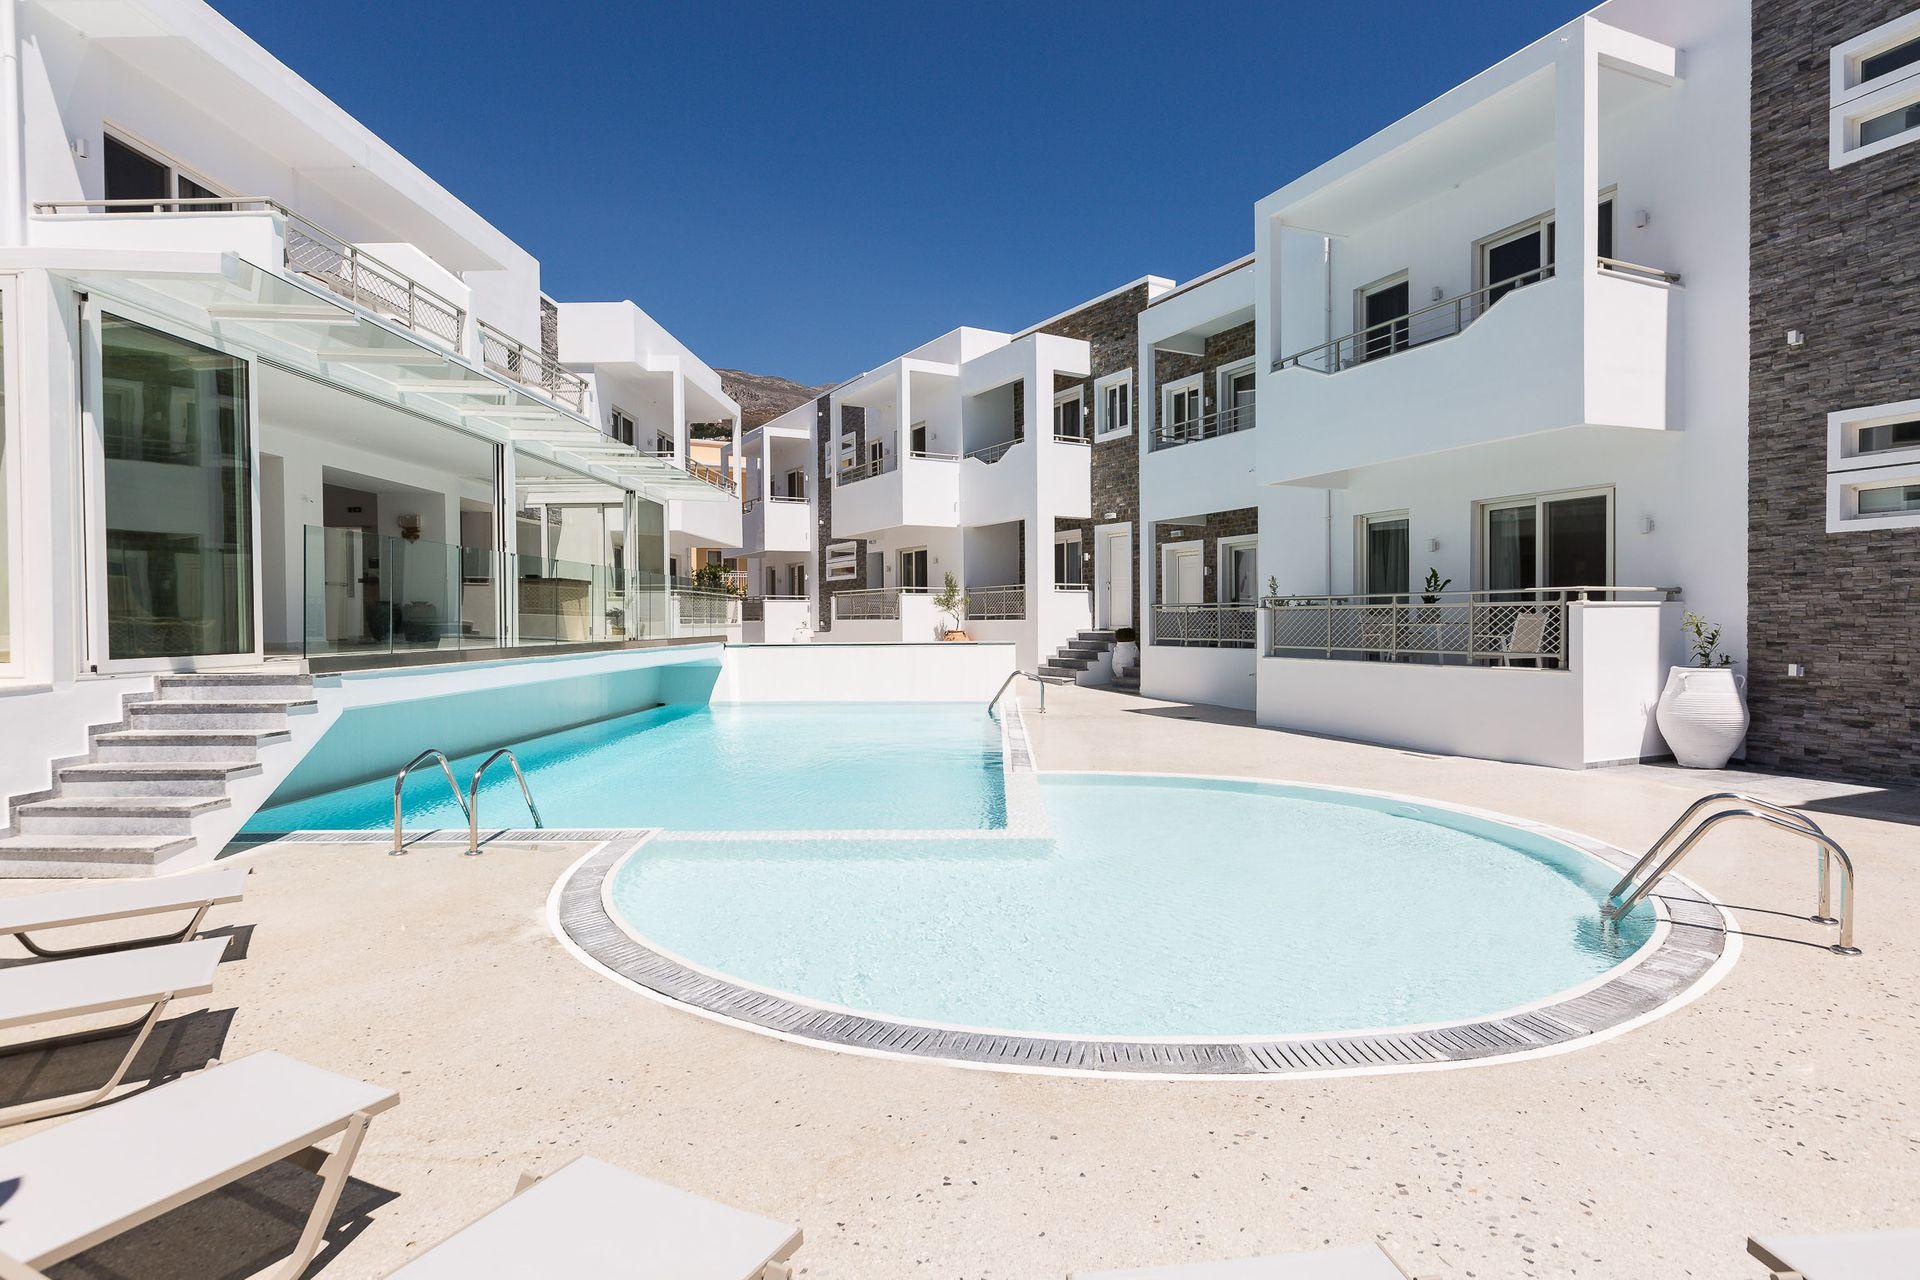 Cyano Hotel Plakias - Ρέθυμνο, Κρήτη ✦ 3 Ημέρες (2 Διανυκτερεύσεις) ✦ 2 άτομα ✦ Πρωινό ✦ 01/09/2020 έως 30/09/2020 ✦ Free WiFi